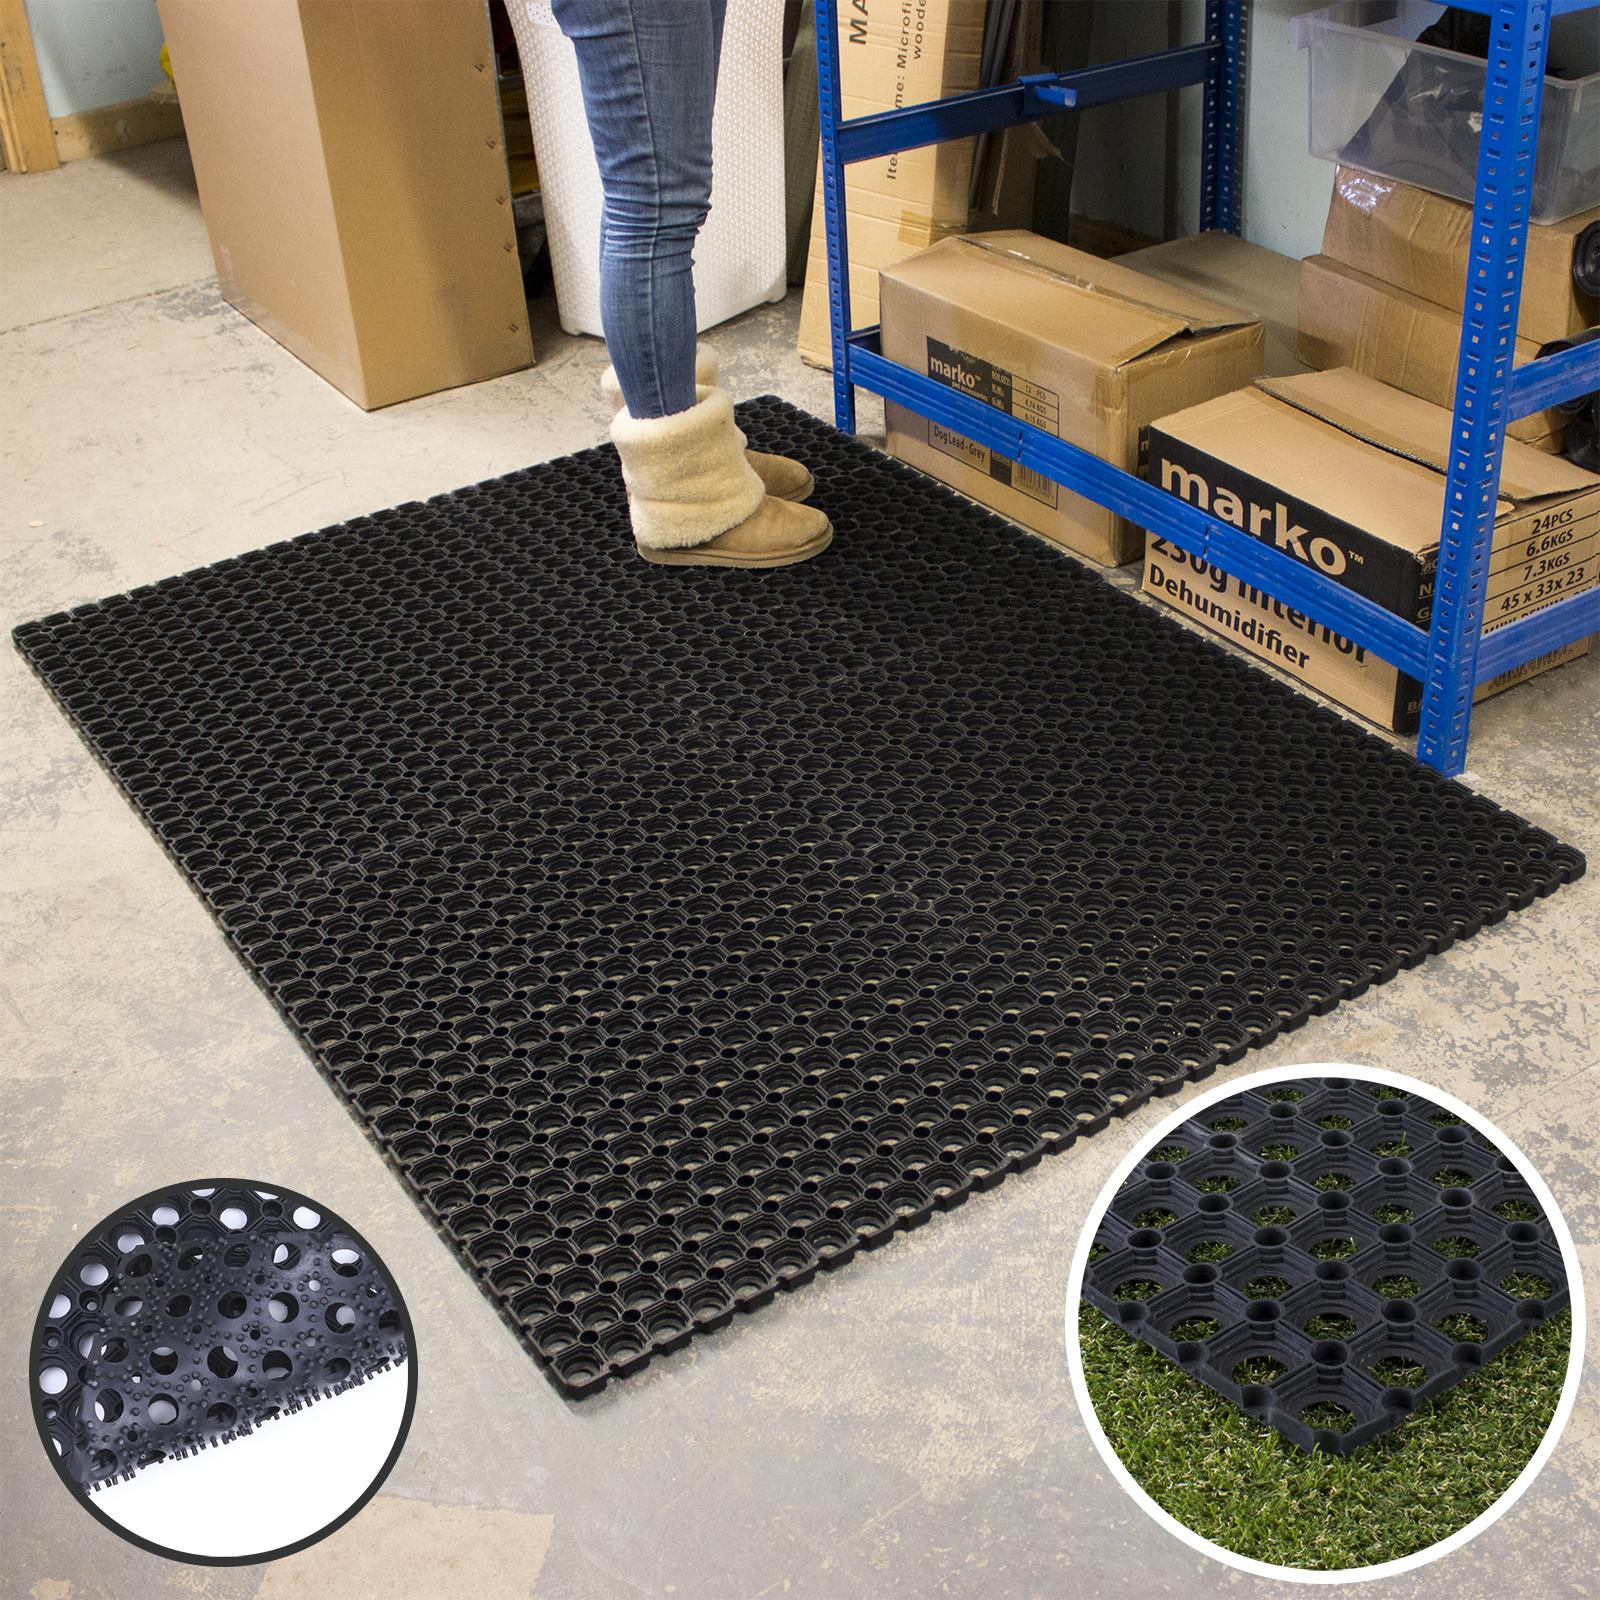 Heavy Duty Floor Mats >> Details About 1m X 1 5m Rubber Ring Doormat Large Heavy Duty Floor Mat Outdoor Indoor Stable